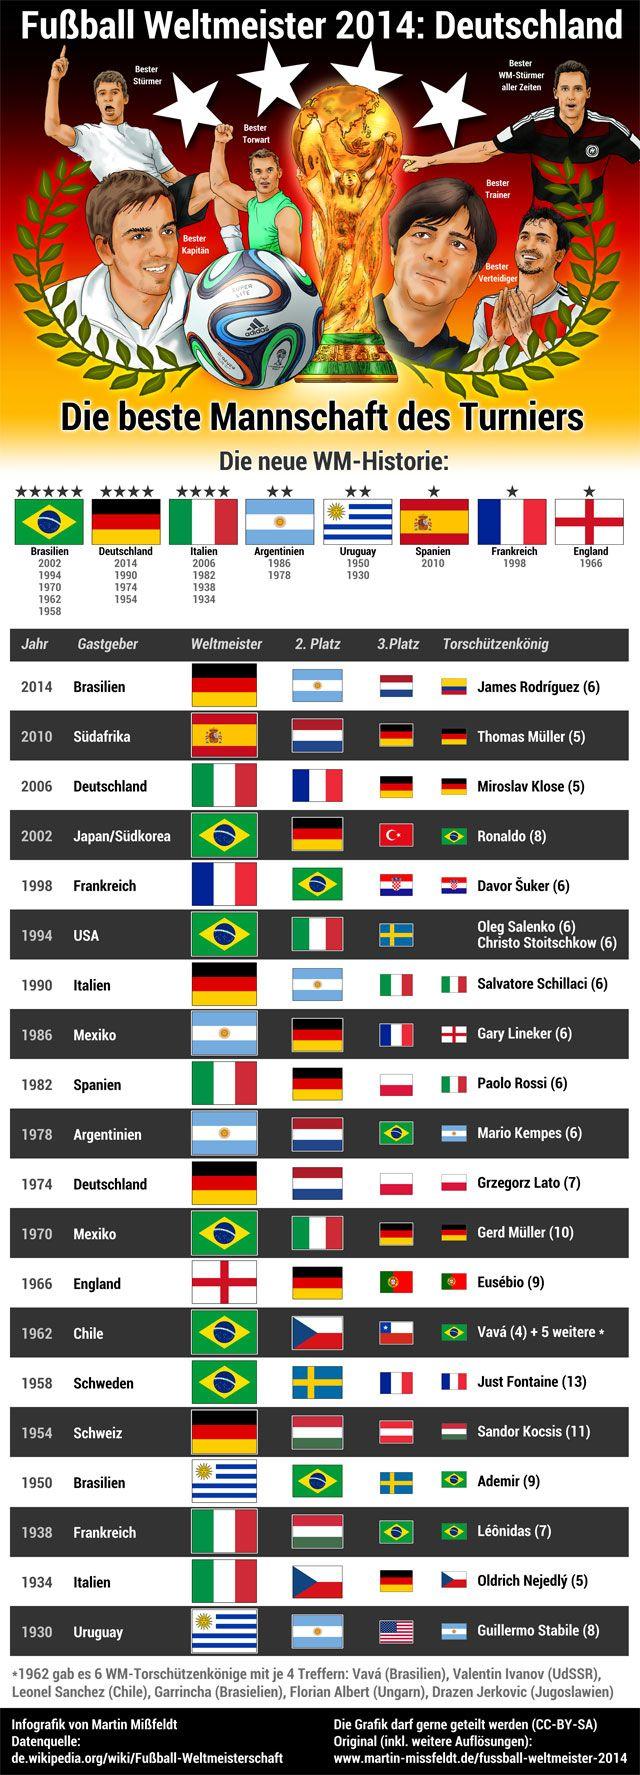 Deutschland Ist Fussball Weltmeister 2014 Infografik Fussball Weltmeister Weltmeister 2014 Weltmeister